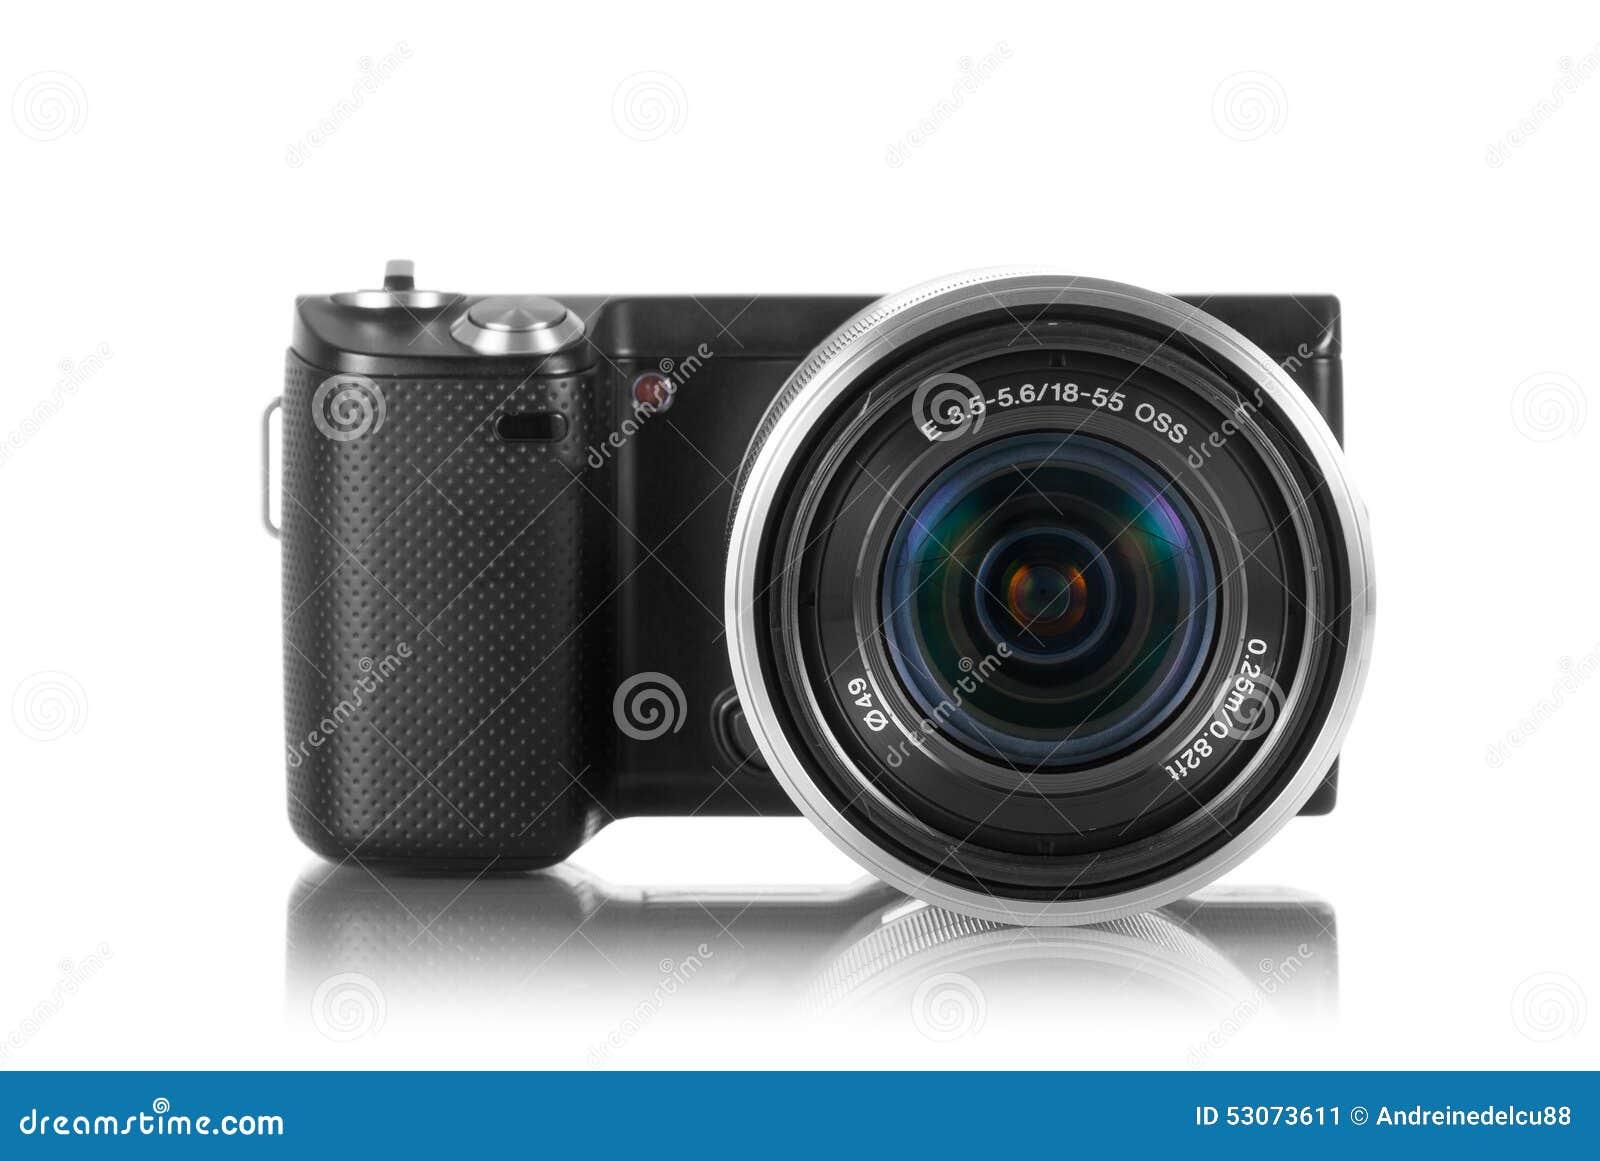 Mirrorlesscamera met lens